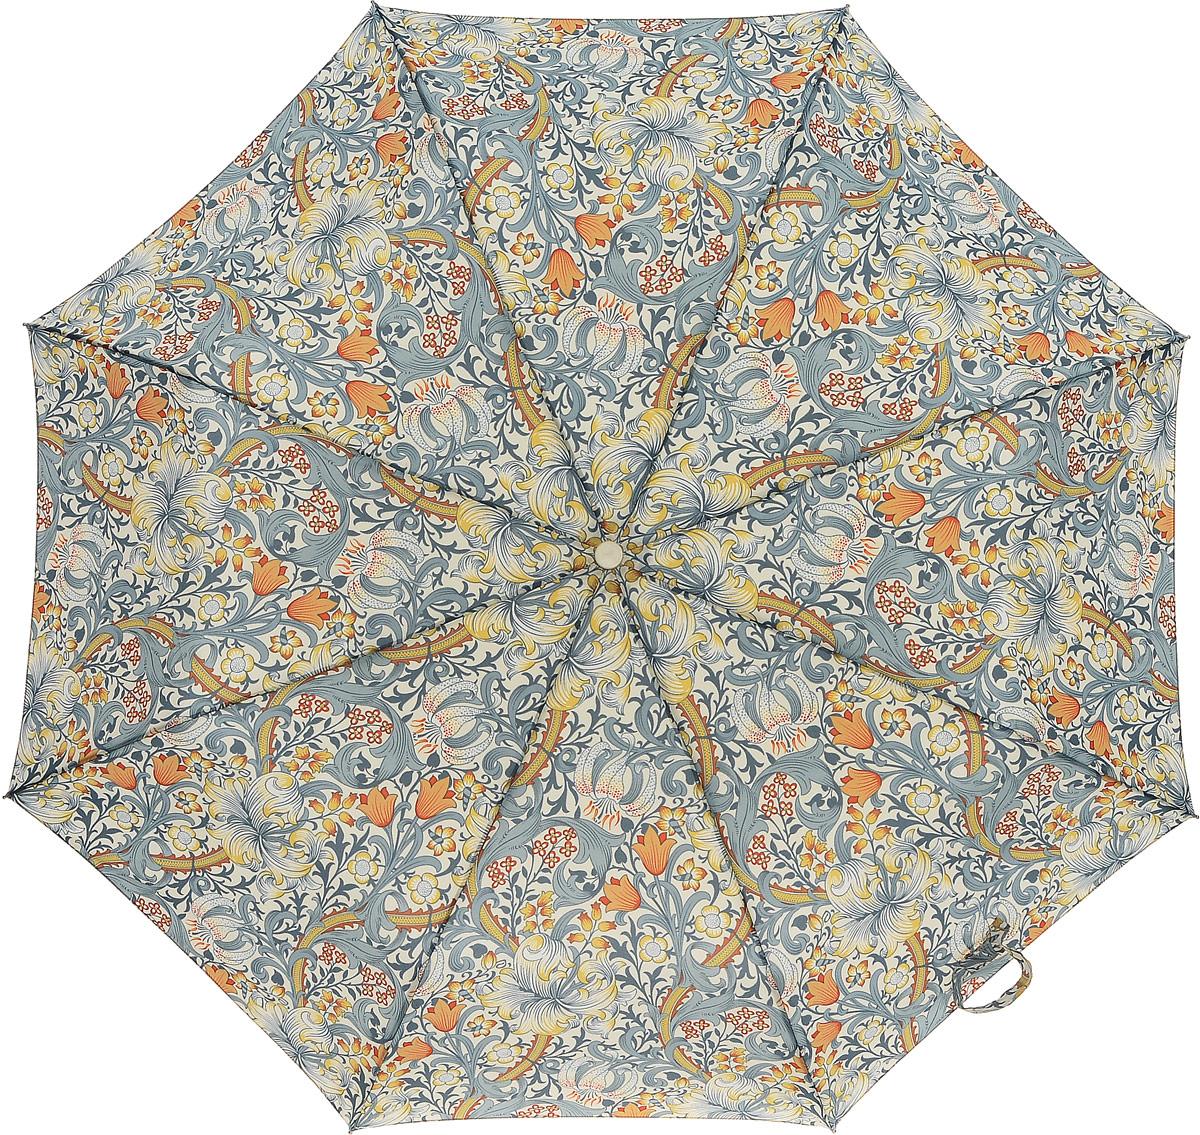 Зонт женский Morris & Co Minilite, механический, 3 сложения, цвет: мультиколор. L757-31998B035000M/18075/3900NСтильный механический зонт Morris & Co Minilite в 3 сложения даже в ненастную погоду позволит вам оставаться элегантной. Облегченный каркас зонта выполнен из 8 спиц из фибергласса и алюминия, стержень также изготовлен из алюминия, удобная рукоятка - из дерева. Купол зонта выполнен из прочного полиэстера и оформлен оригинальным принтом. В закрытом виде застегивается хлястиком на липучку. Зонт механического сложения: купол открывается и закрывается вручную до характерного щелчка. На рукоятке для удобства есть небольшой шнурок, позволяющий при необходимости надеть зонт на руку. К зонту прилагается чехол.Такой зонт компактно располагается в глубоком кармане, сумочке, дверке автомобиля.